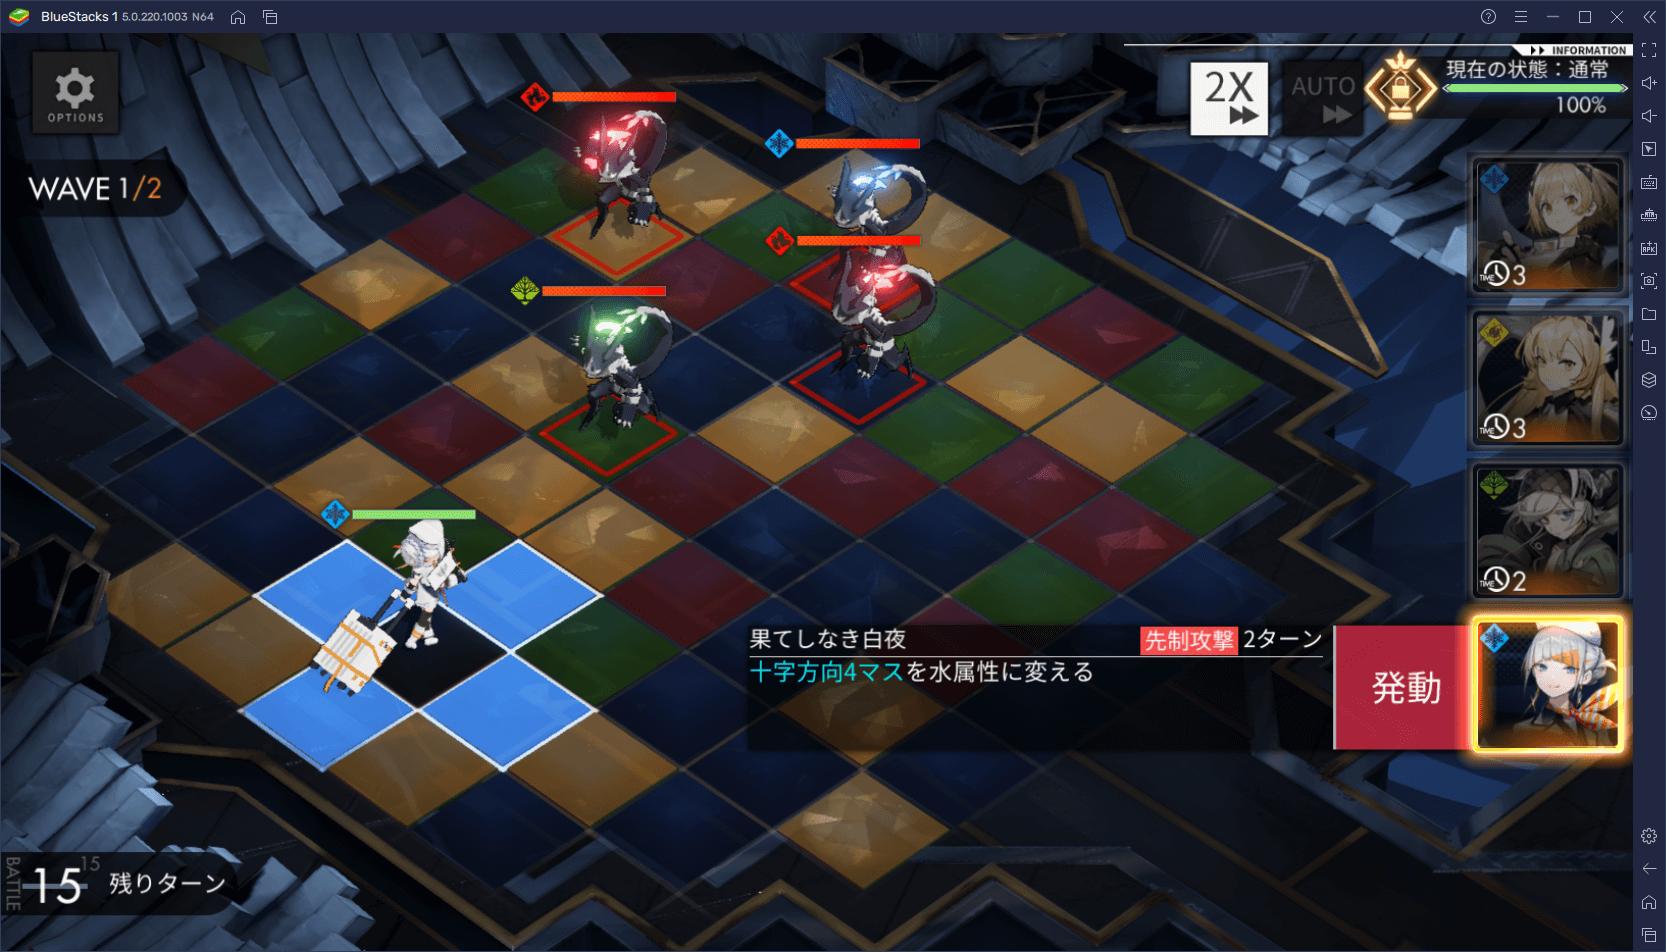 BlueStacksを使ってPCで『白夜極光』を遊ぼう